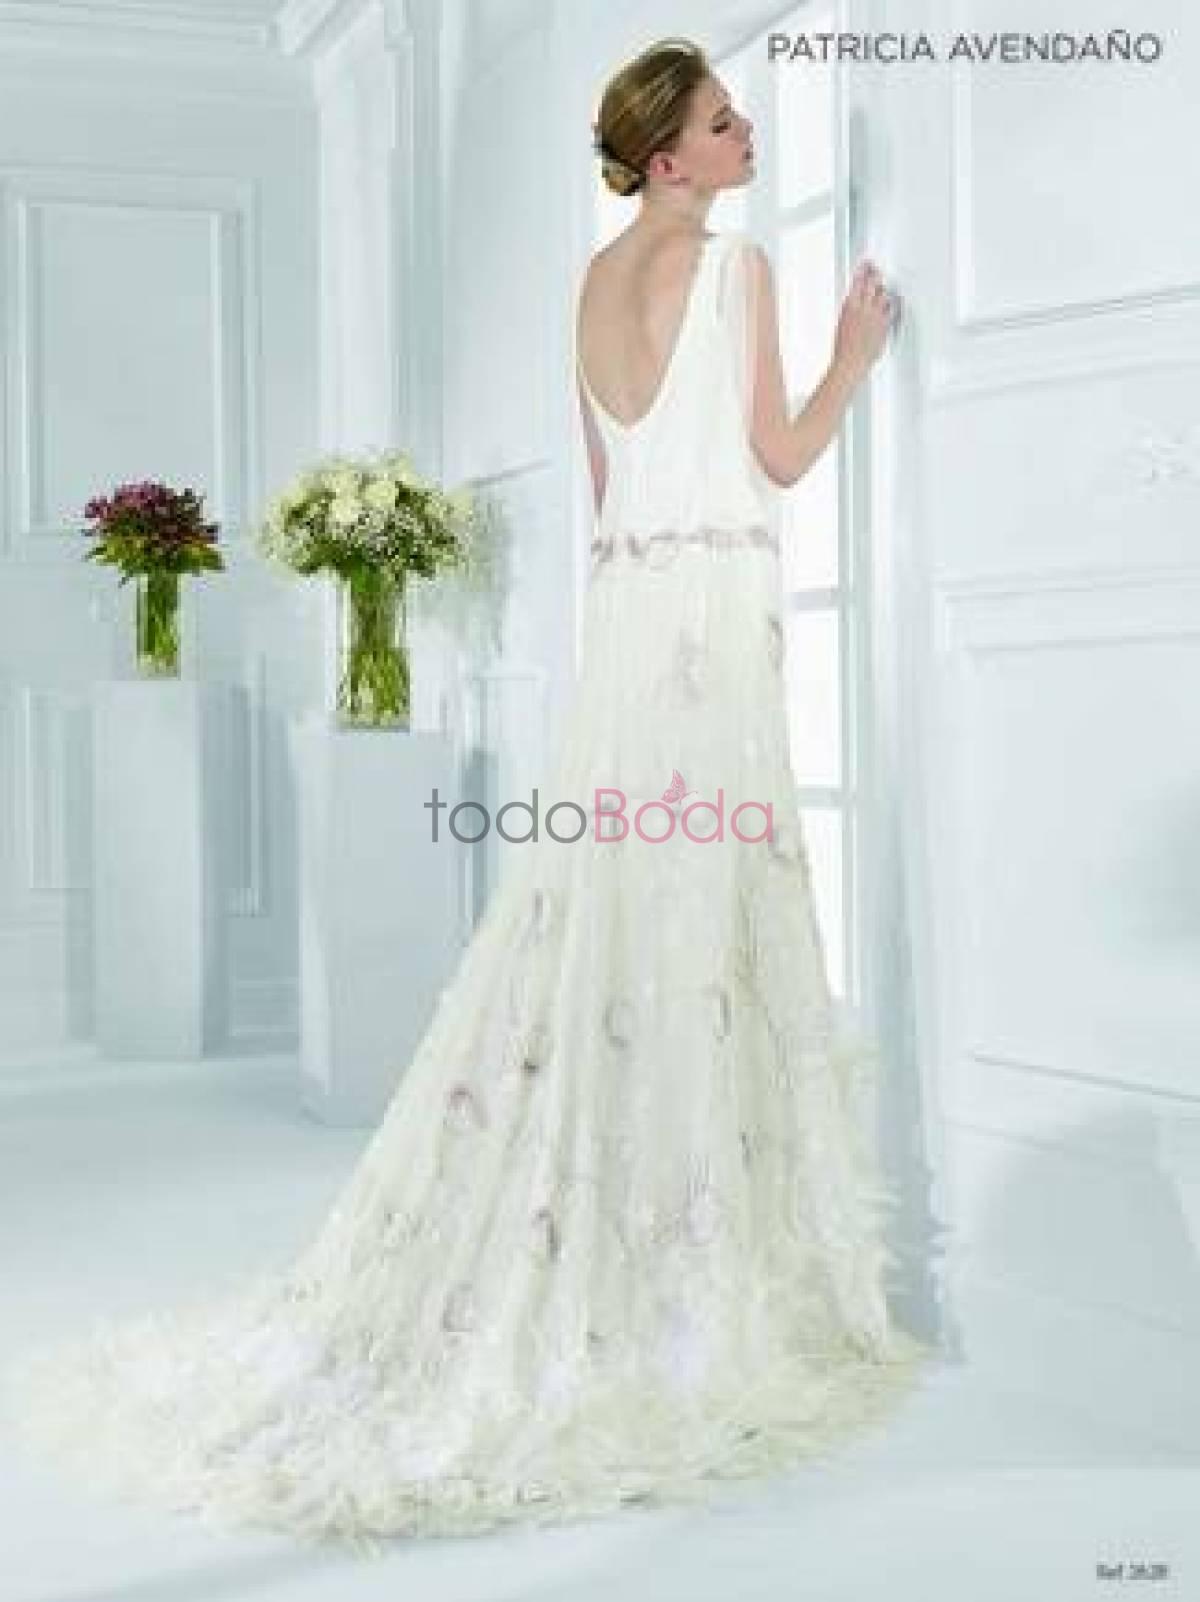 Awesome Alquiler De Vestidos De Novia Images - Wedding Ideas ...